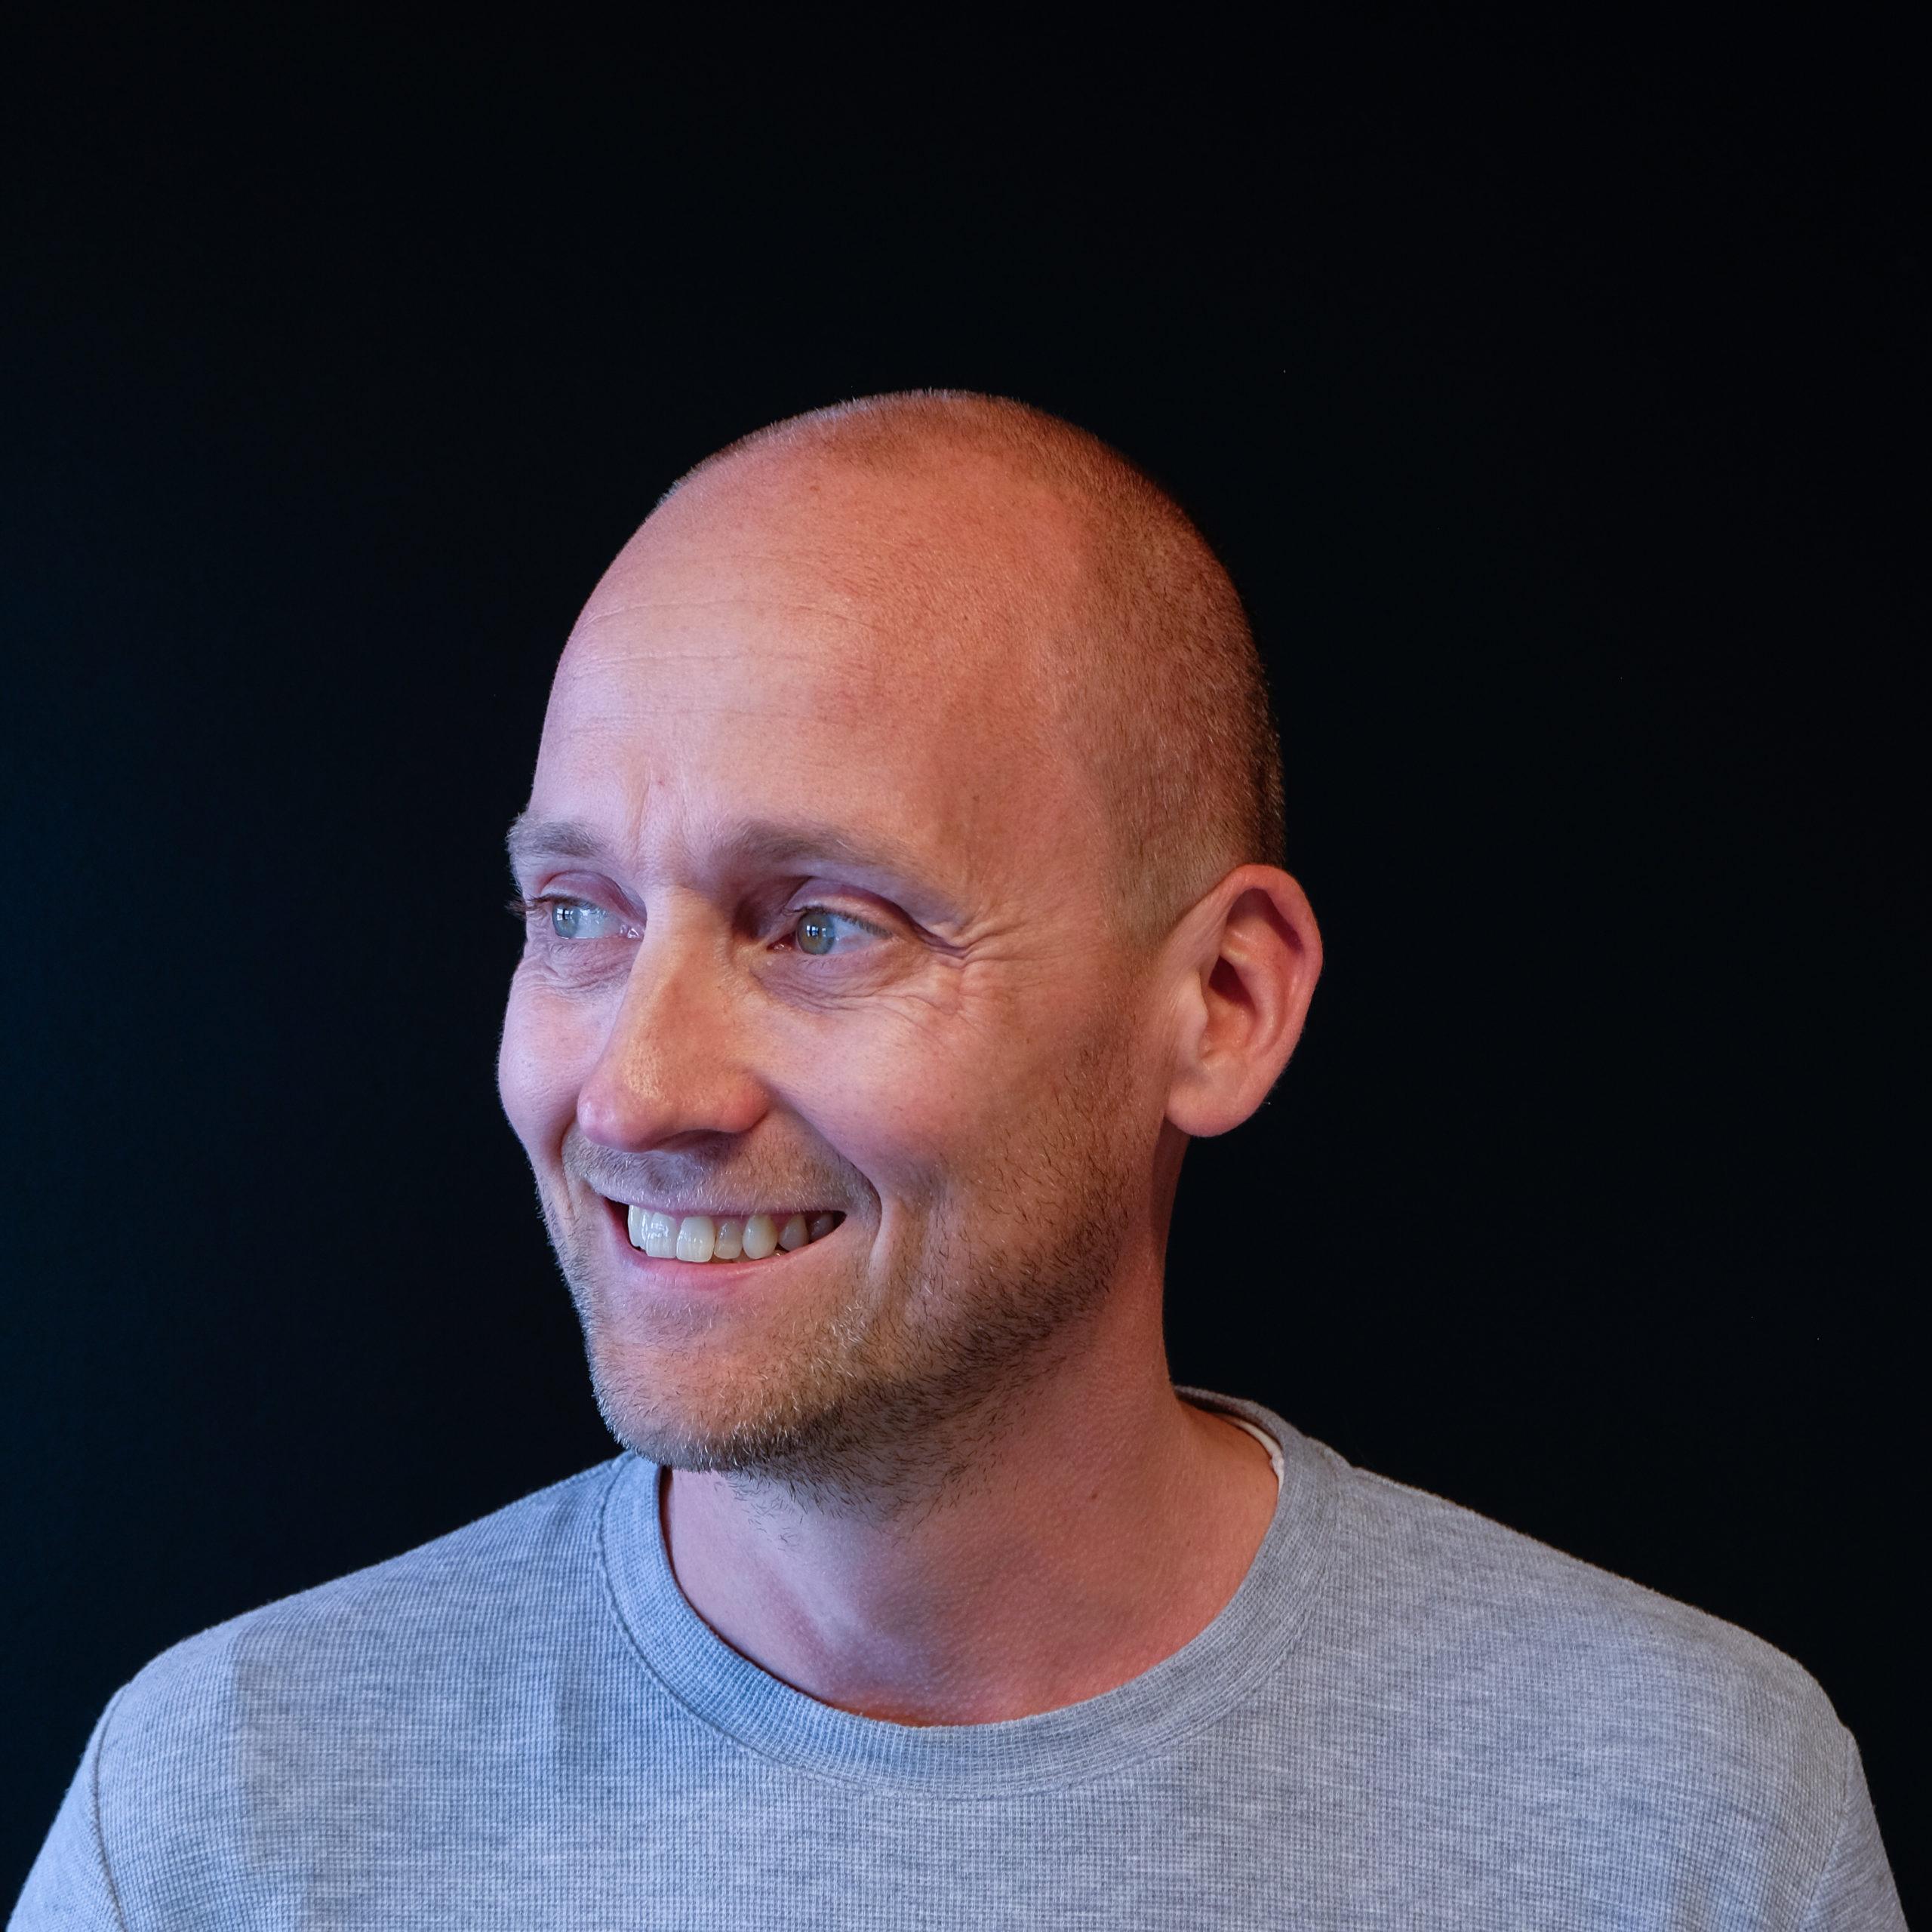 Bilde av Svenn Terje Østensen